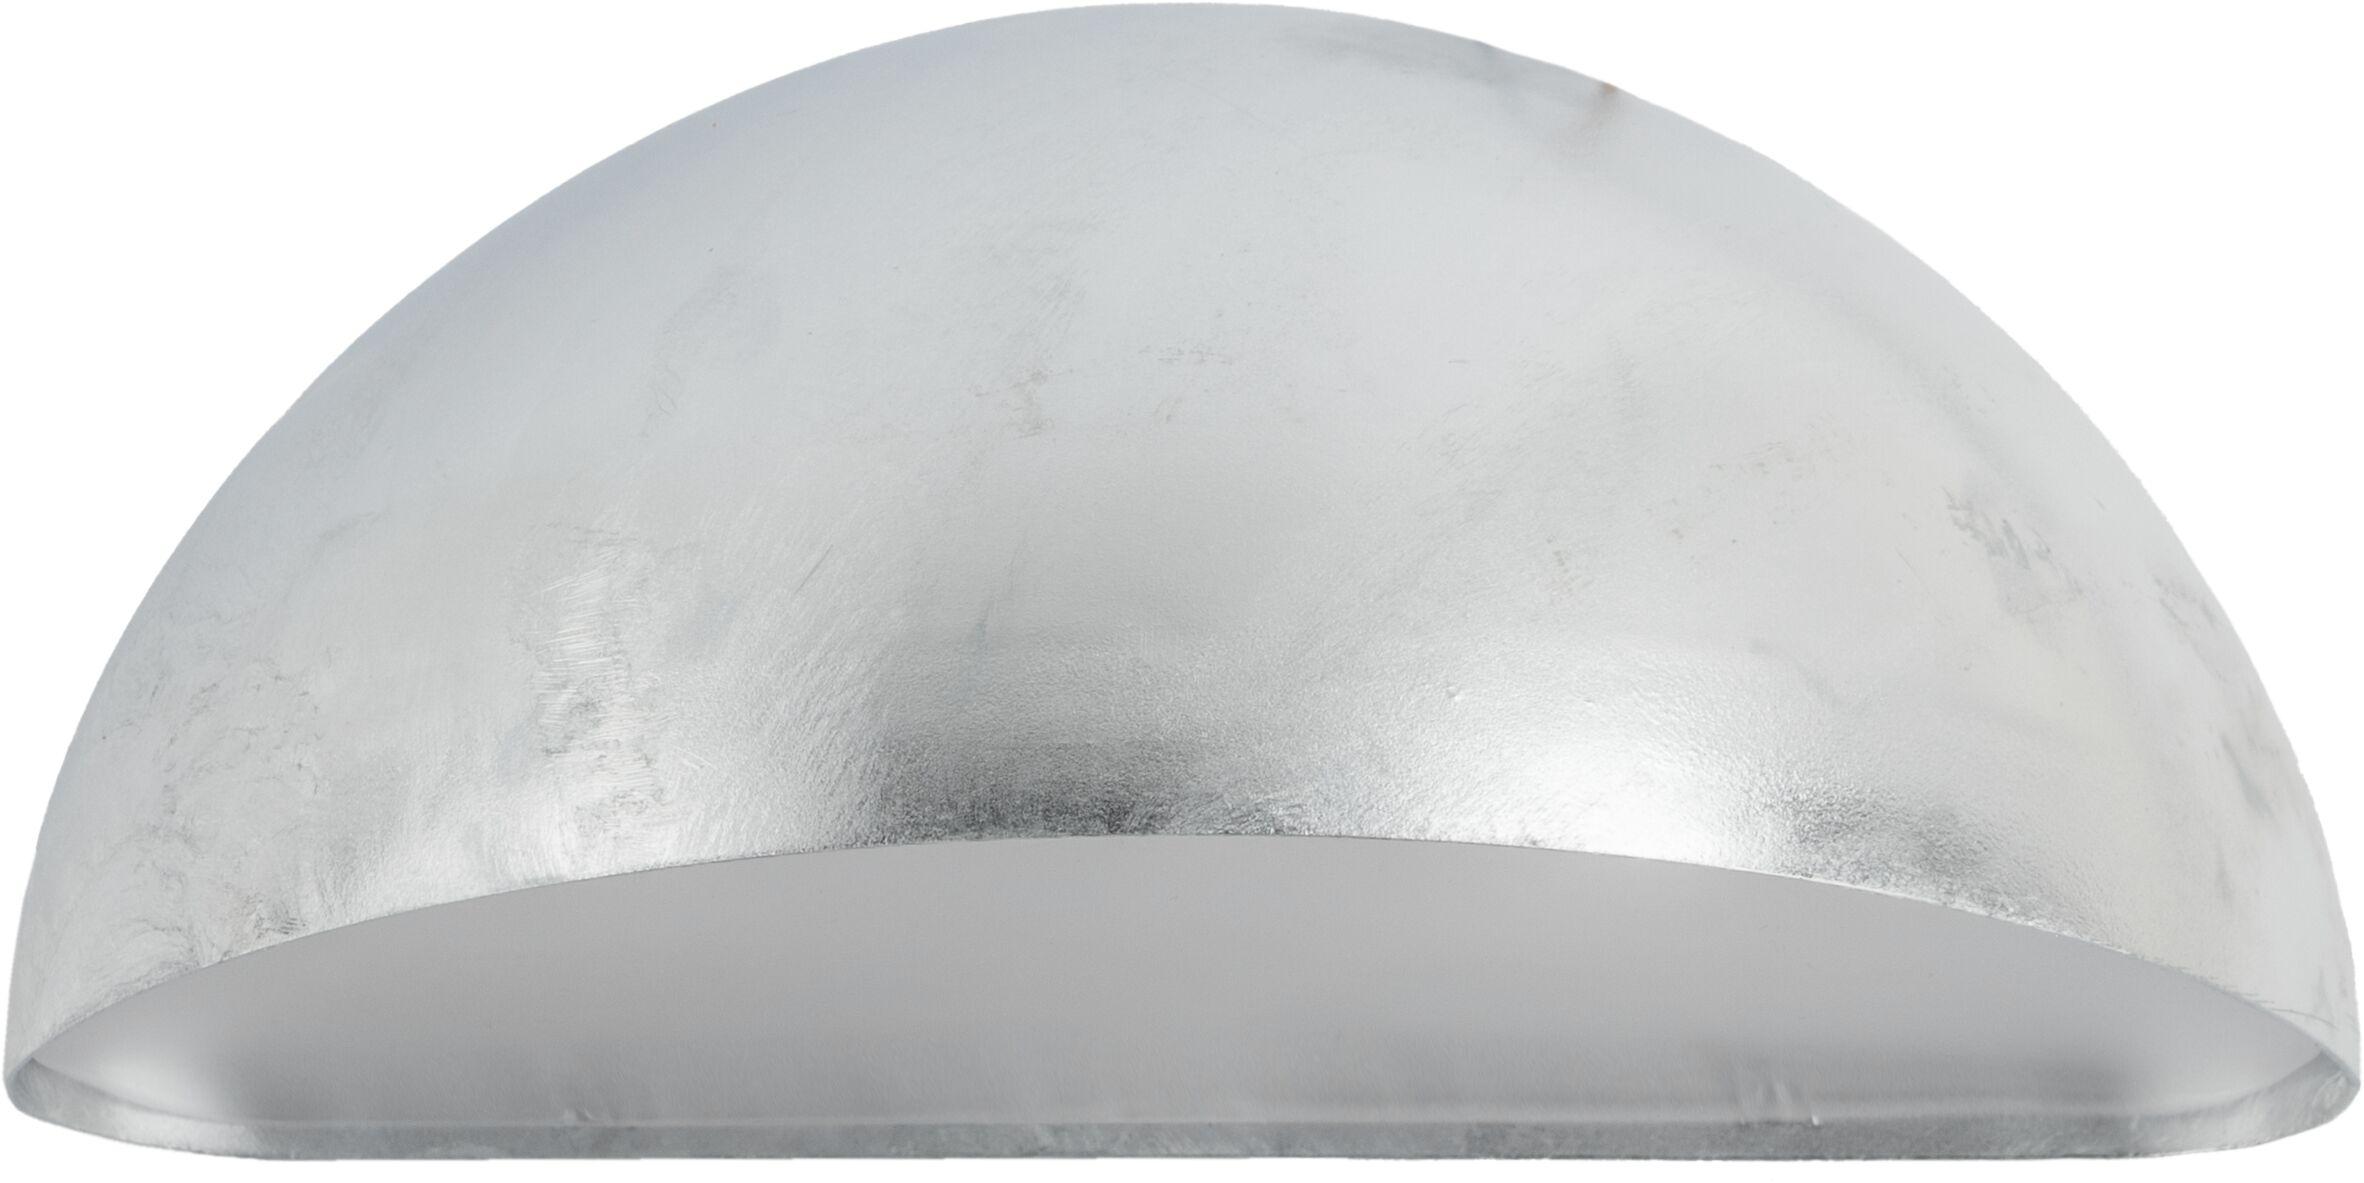 Kinkiet PARIS 5038 GALVANIZED LED - Norlys  Sprawdź kupony i rabaty w koszyku  Zamów tel  533-810-034